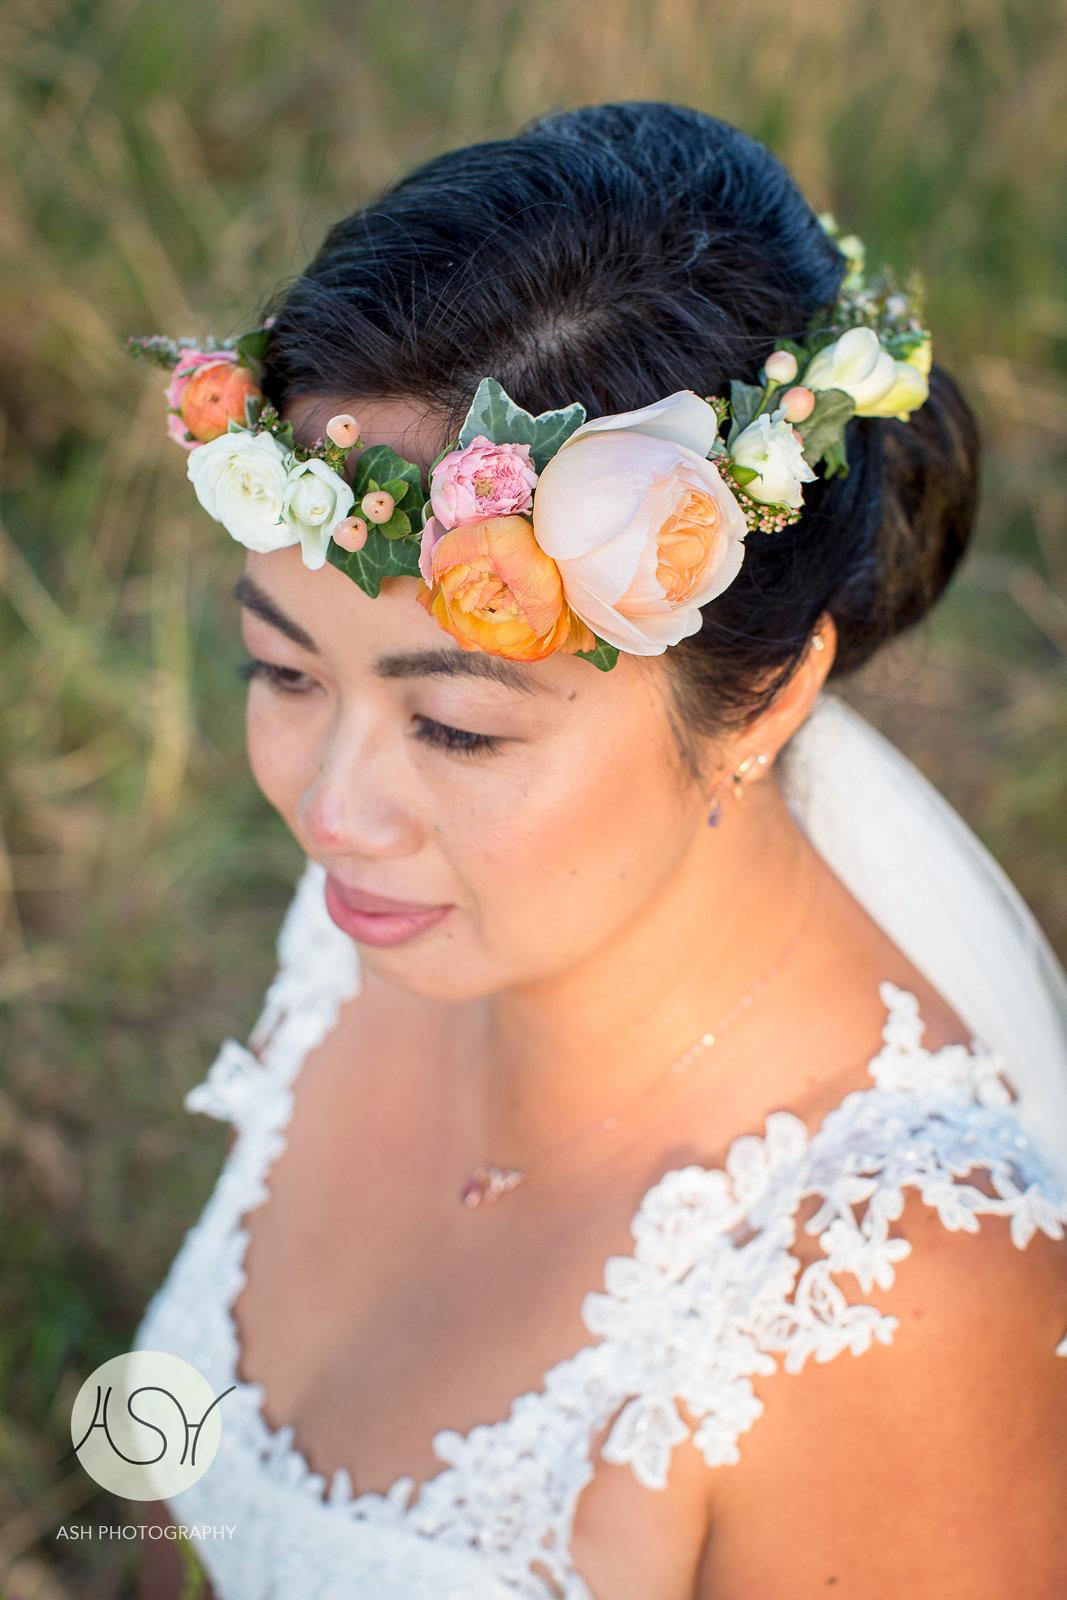 062-Priscilla-Simon-Wedding-ASH-Photography copy.jpg